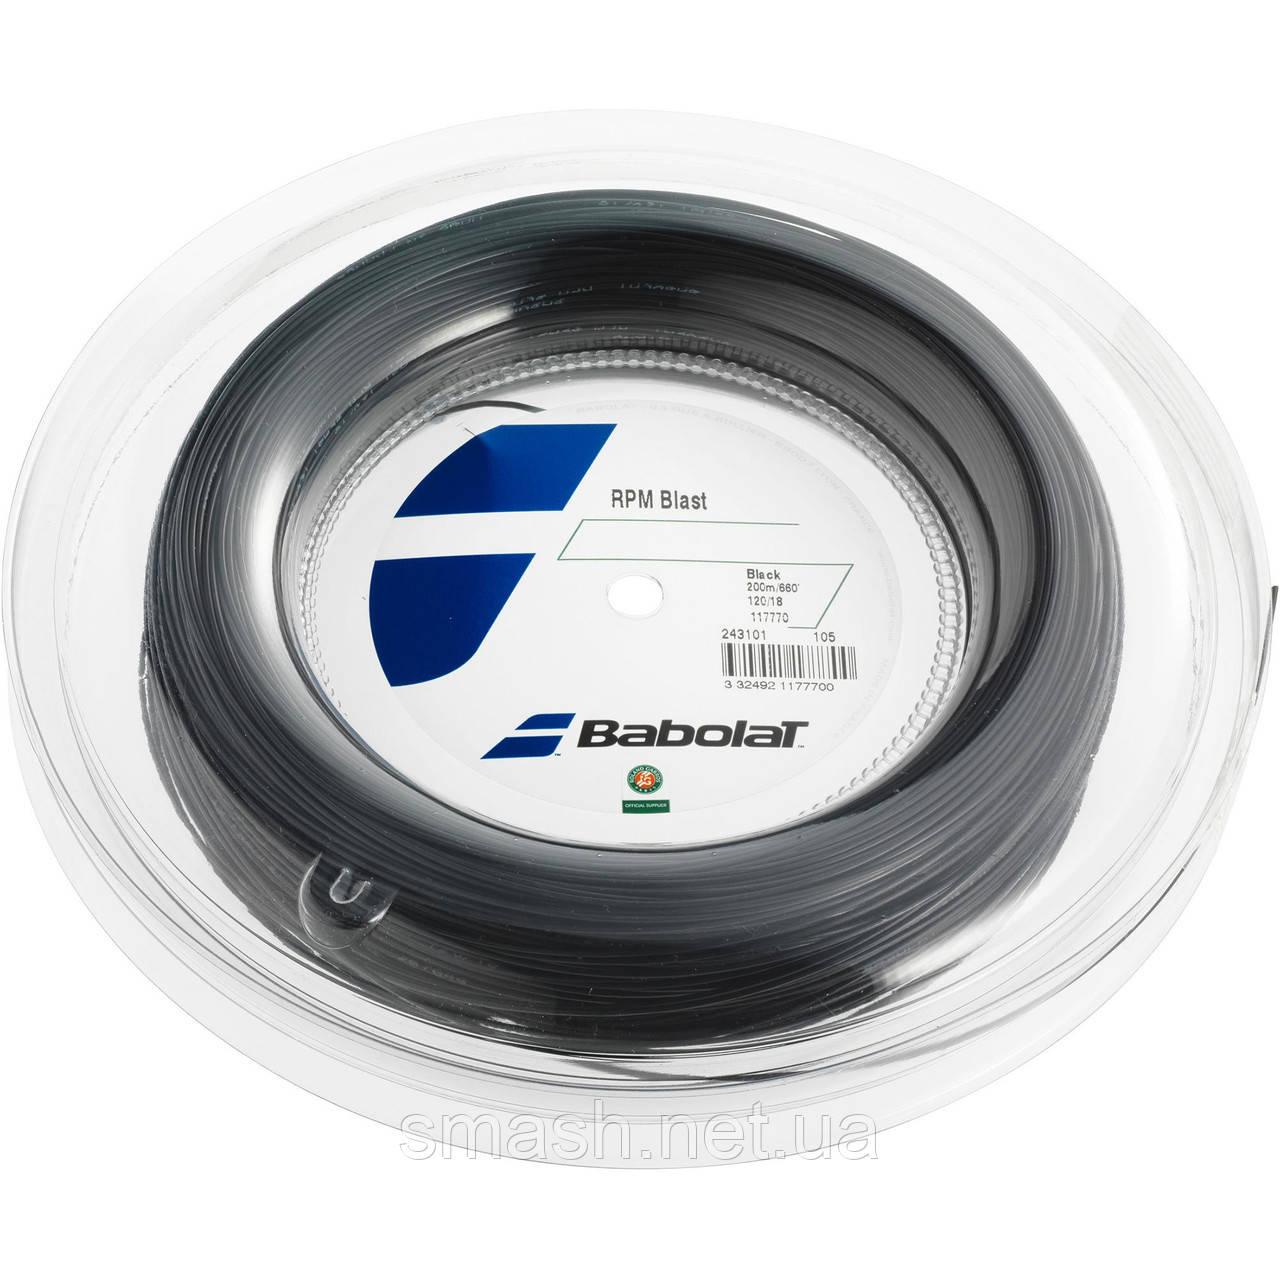 Струны для тенниса Babolat RPM Blast  200 m